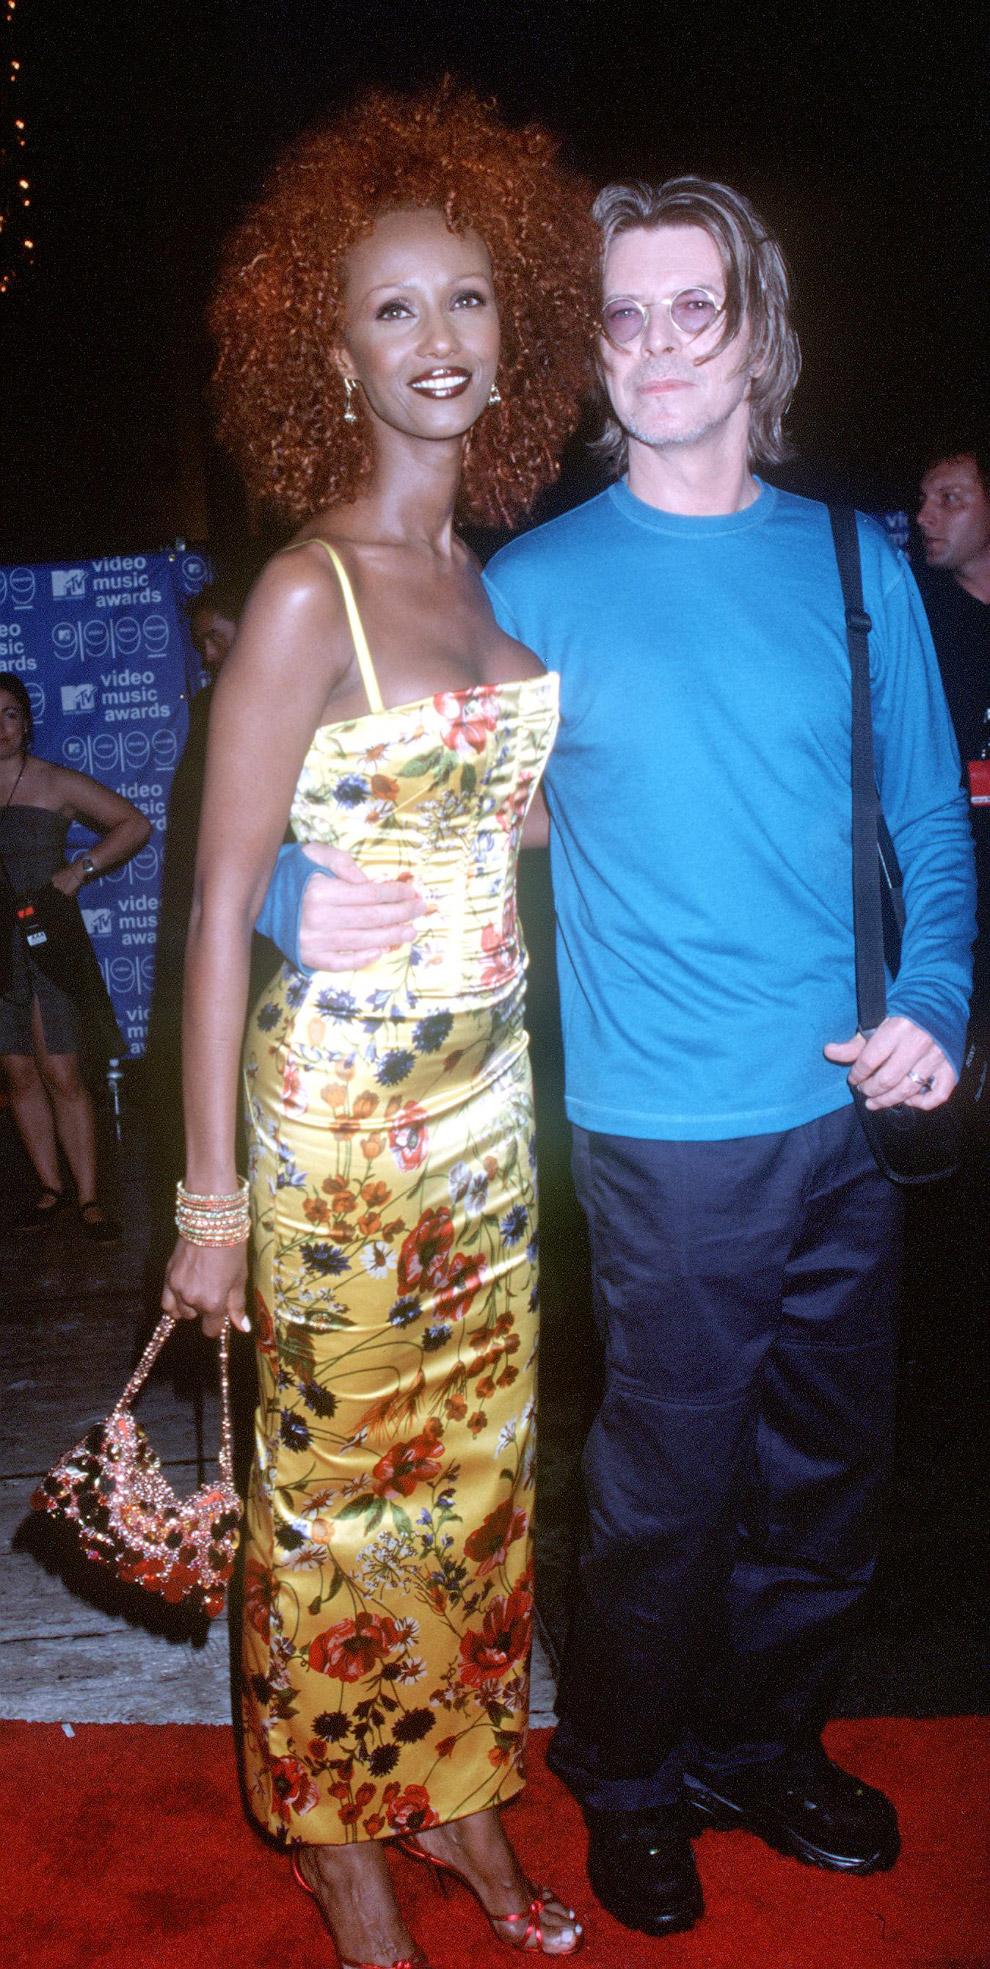 Дэвид Боуи и его жена, супермодель Иман Сомали